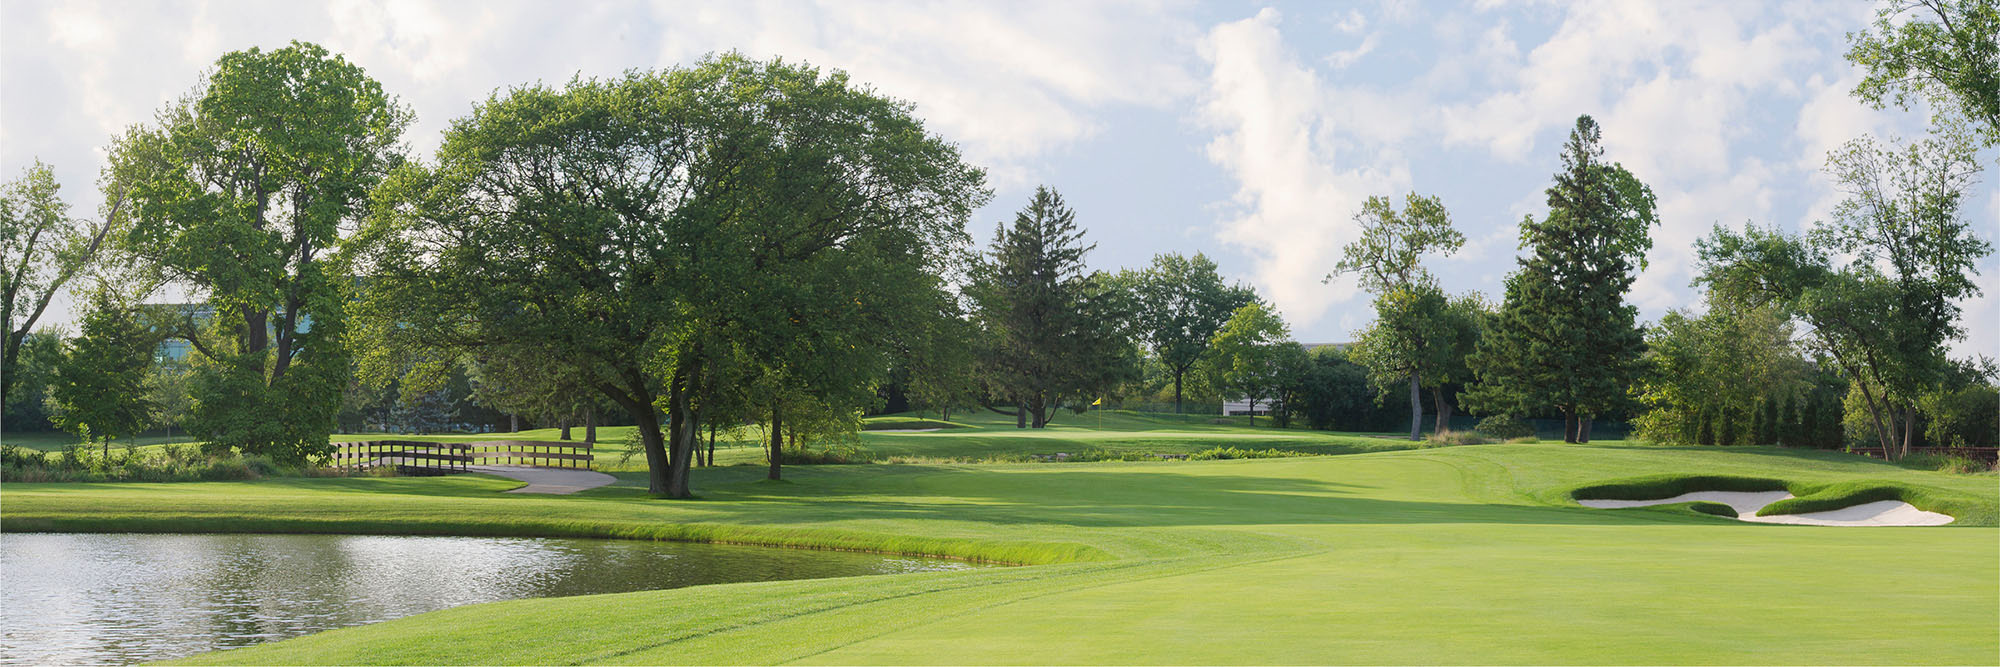 Golf Course Image - Butler National No. 10